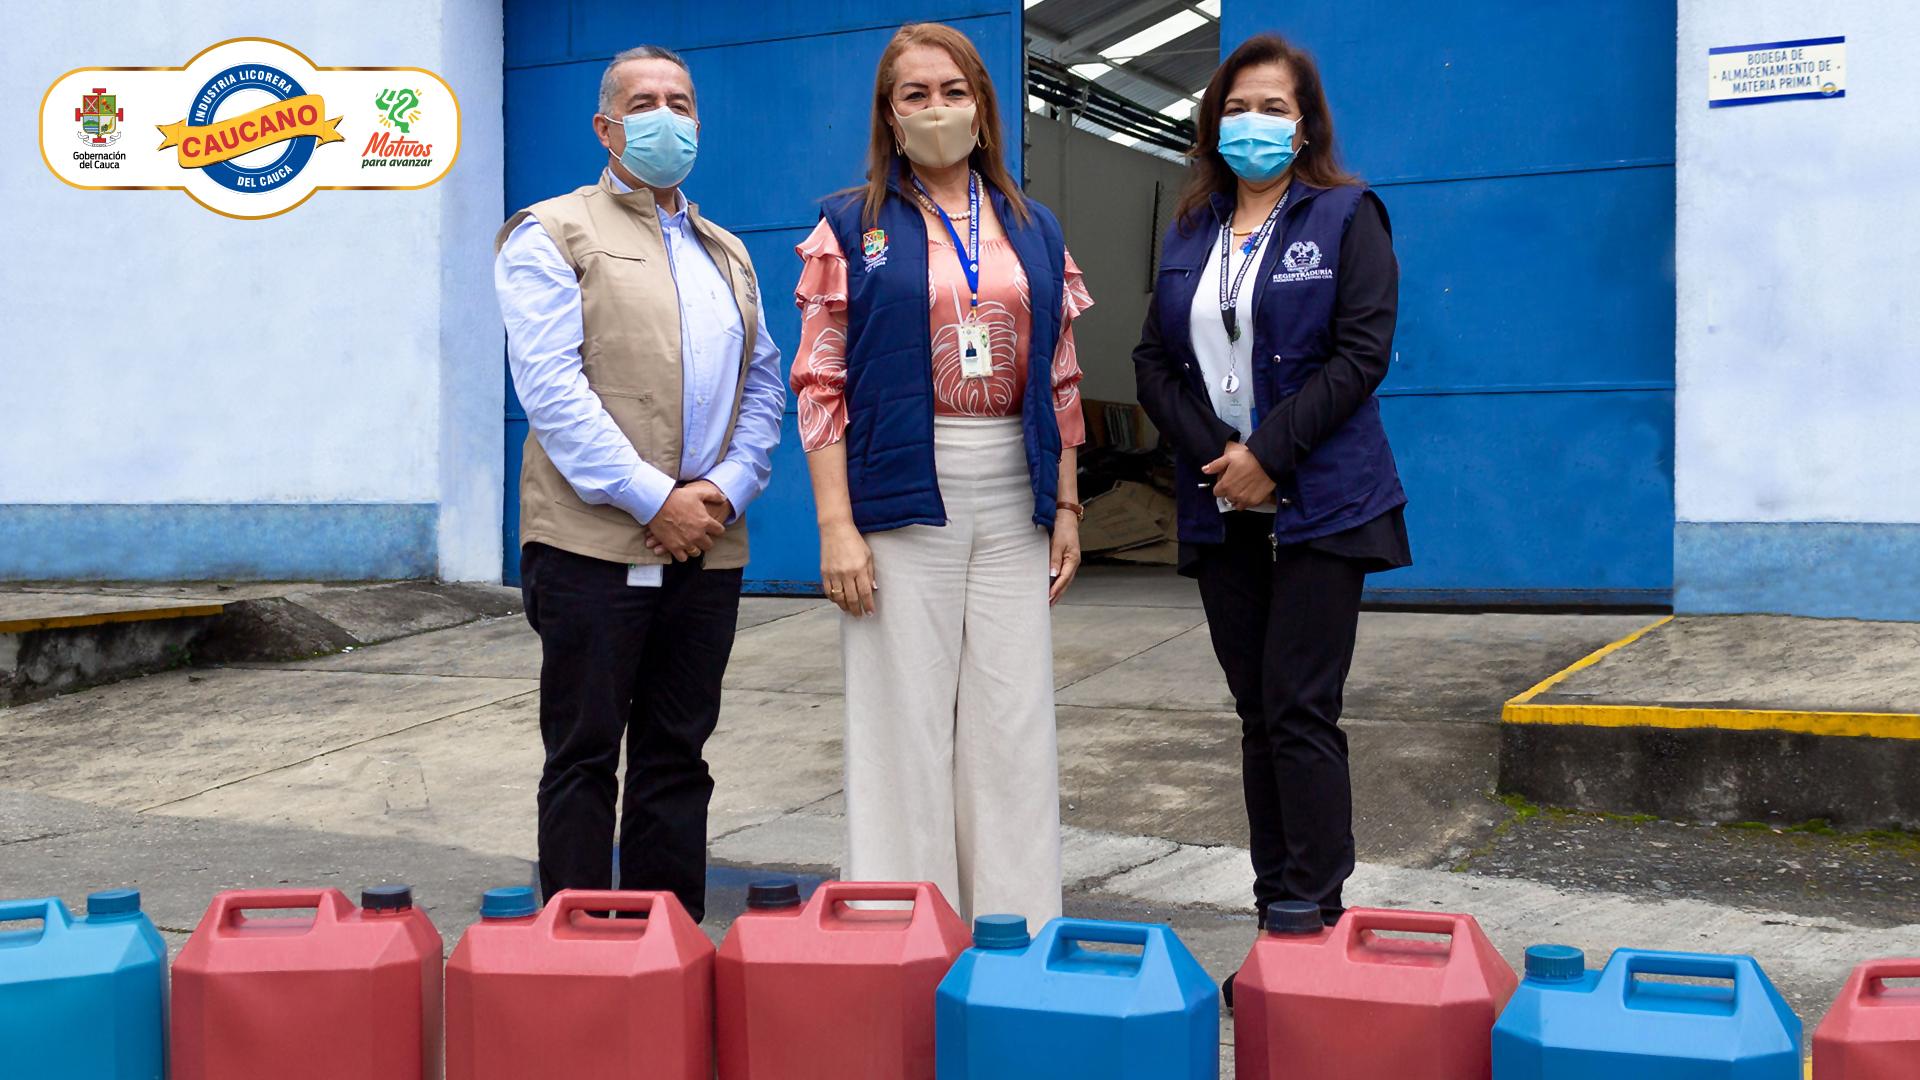 Gerente de la Industria Licorera del Cauca hace entrega de 100 litros de alcohol antiséptico a Delegados Departamentales de la Registraduría